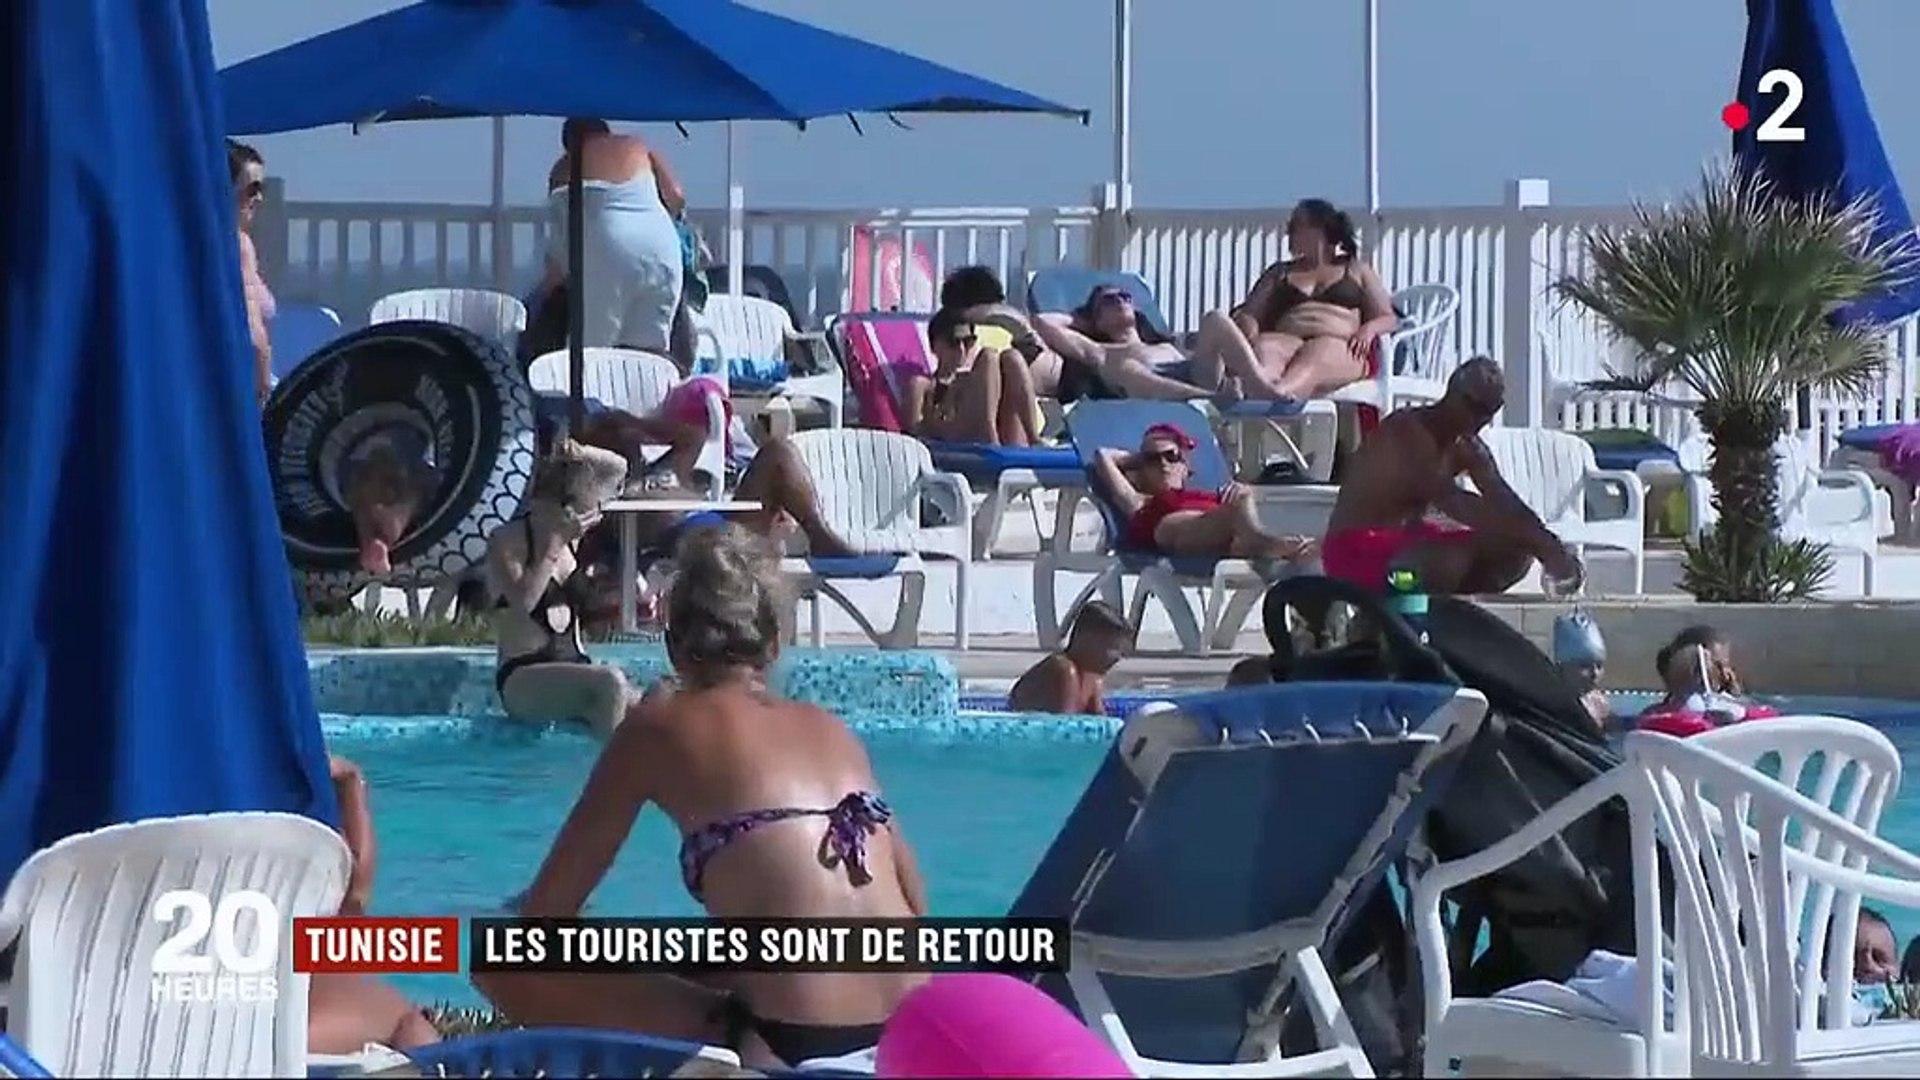 """Tunisie-Reportage France 2 """" Tunisie : les touristes sont de retour"""""""